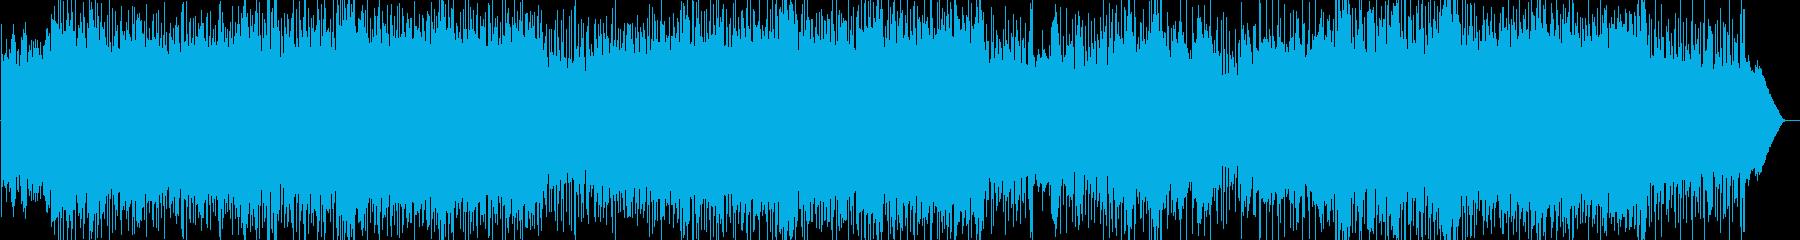 エキサイティングで情熱的なロックの再生済みの波形